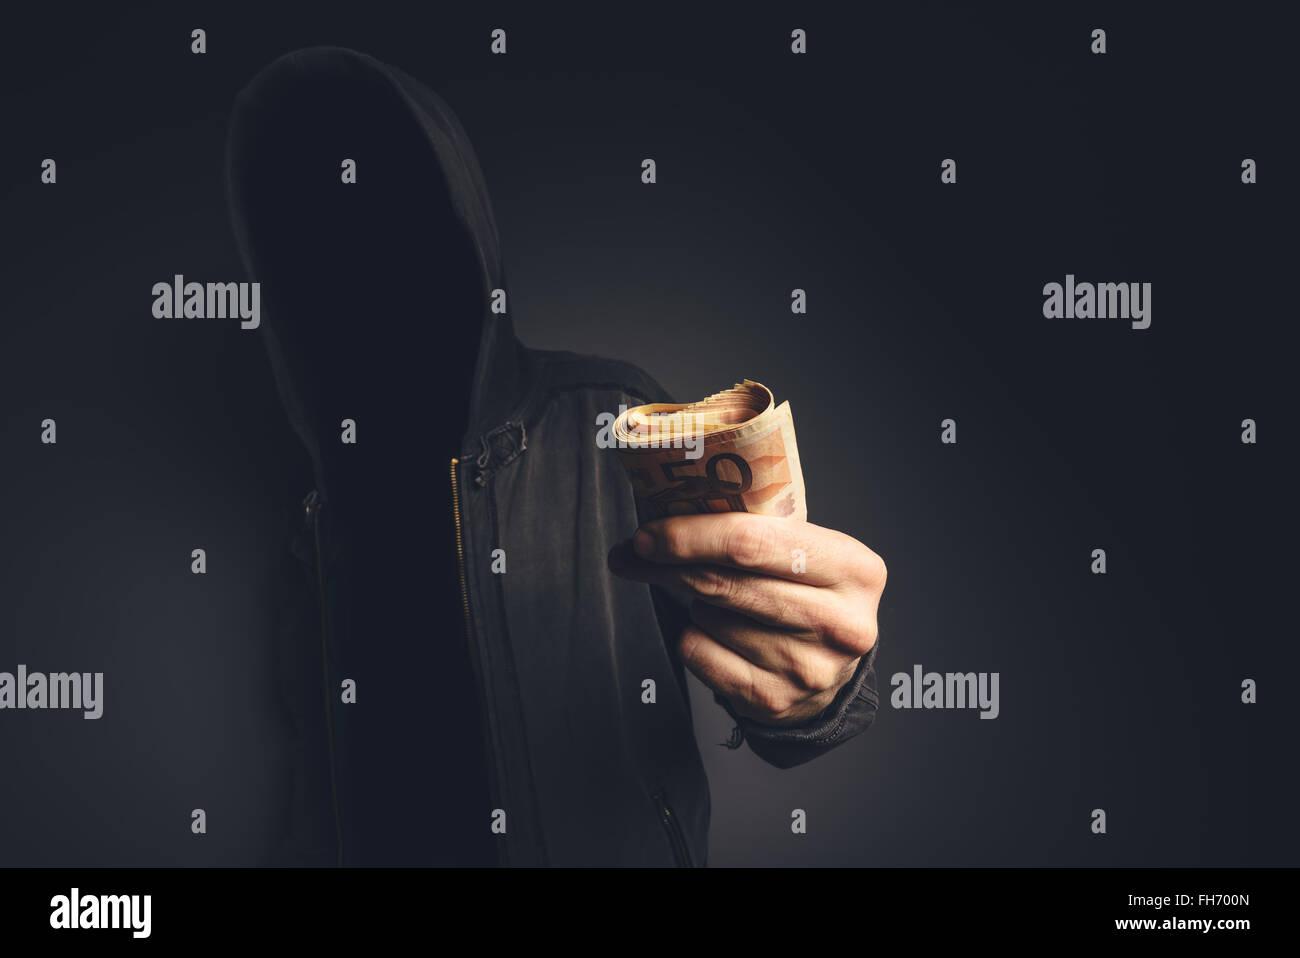 Méconnaissable hooded pirate informatique offrant de l'argent, la cybercriminalité, le chantage et Photo Stock